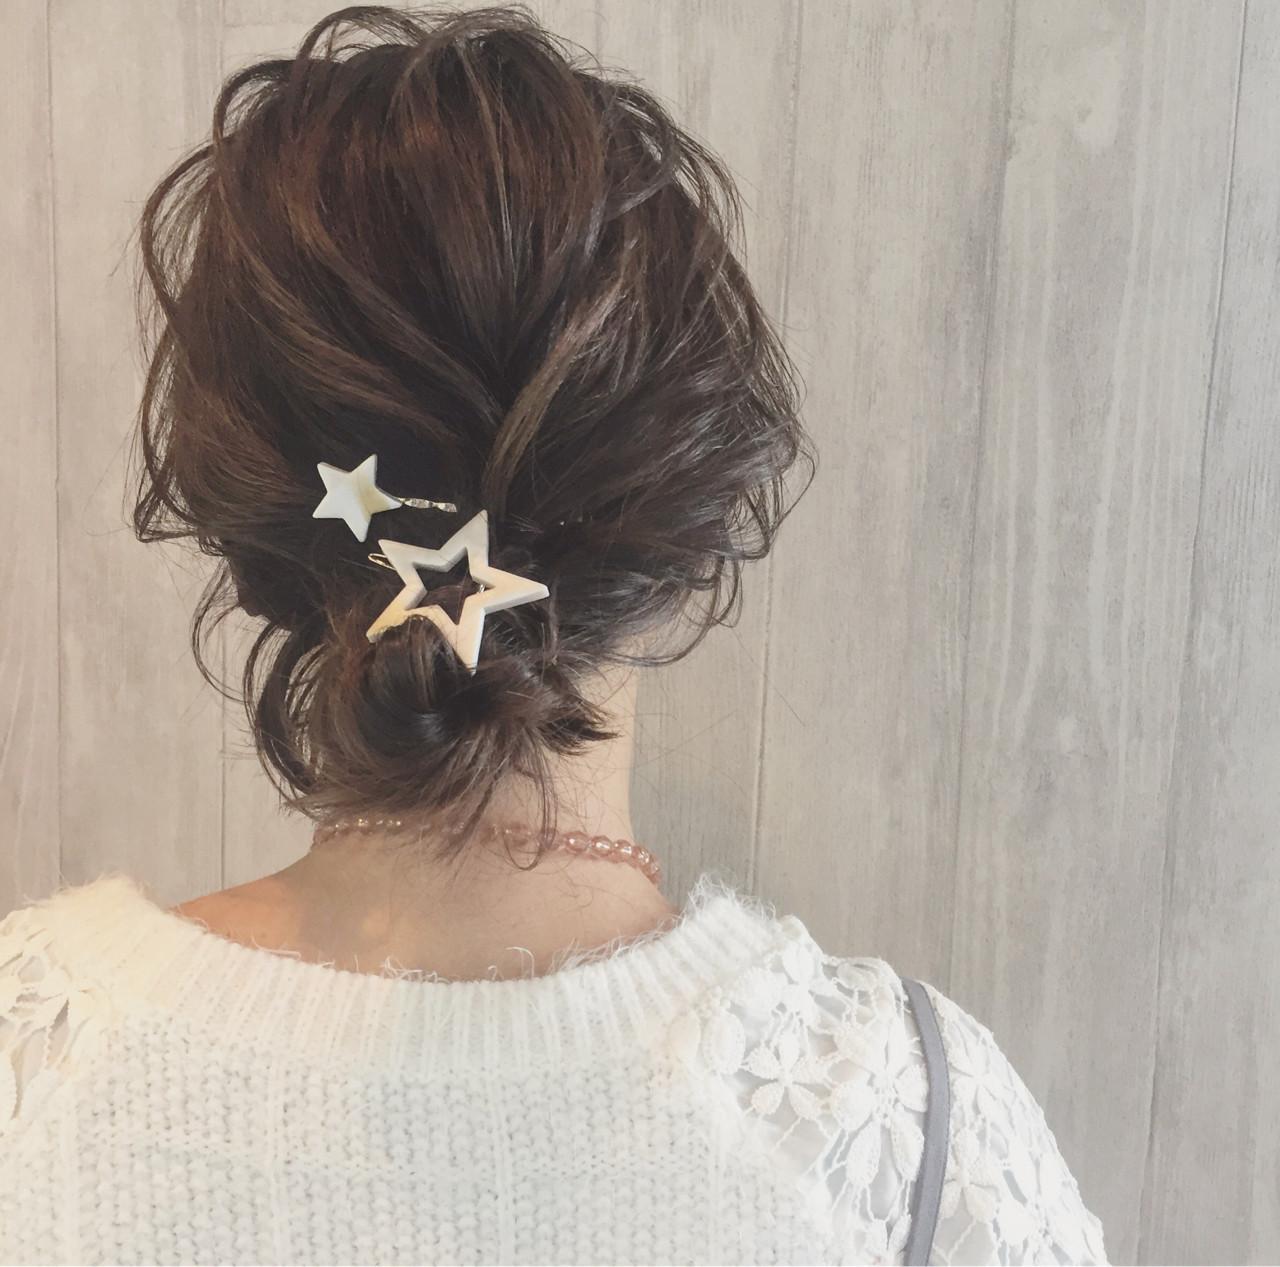 シニヨンスタイルでスッキリとまとめ髪に 宮田 恵里香